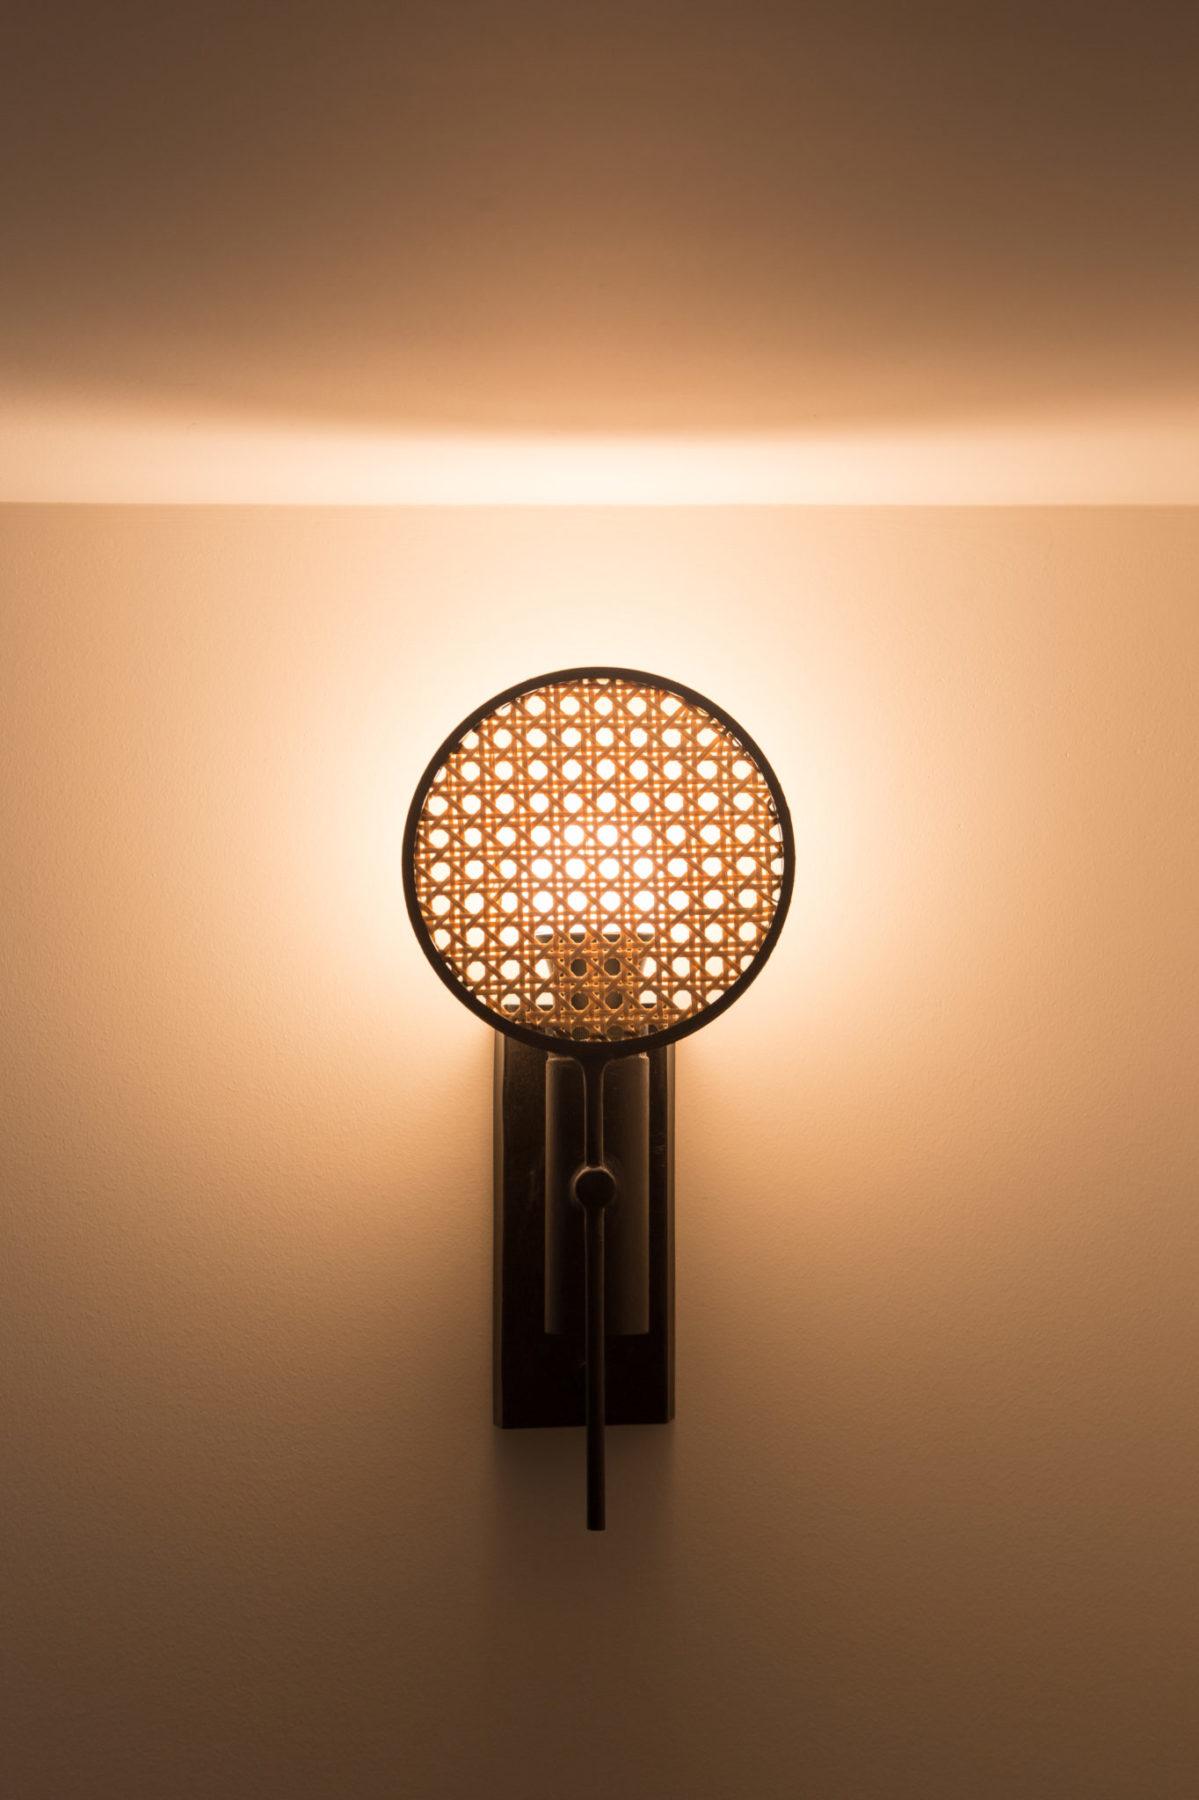 Lampe, applique murale cannage traditionnel en rotin. Vue rapprochée allumée